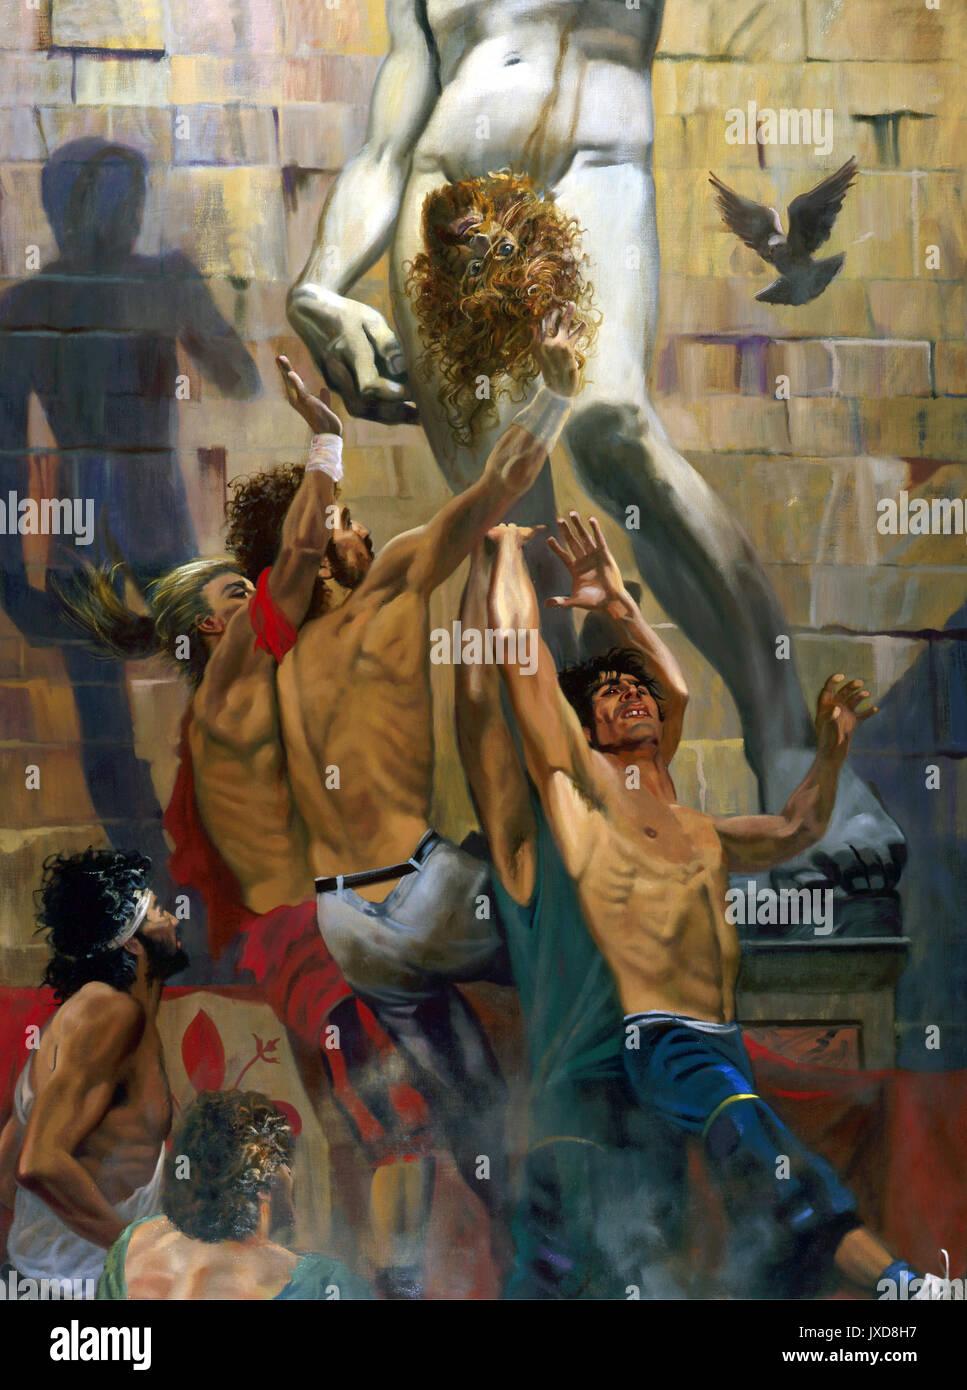 """In the Shadow of David-calcio storico """"historic football"""" in  Piazza della Signoria with a copy of Michelangelo's Stock Photo"""